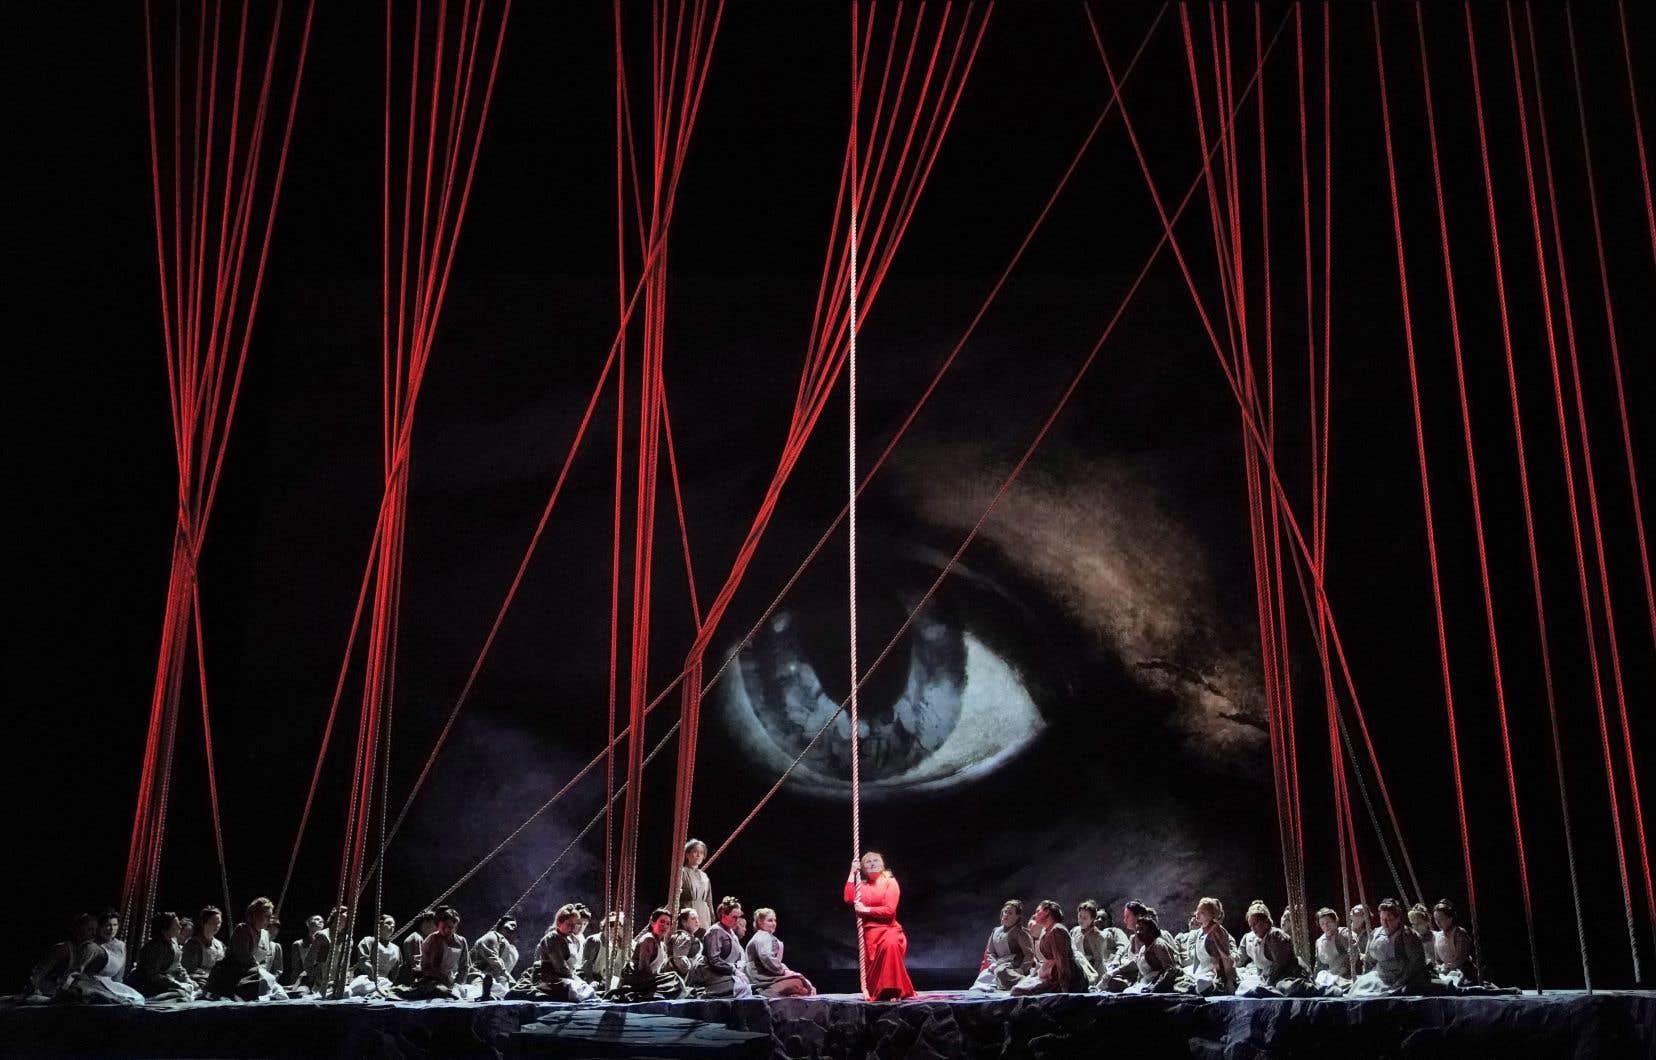 La nouvelle production, qui prend l'affiche du Met le 2mars, met en vedette la soprano Anja Kampe dans le rôle de Senta.